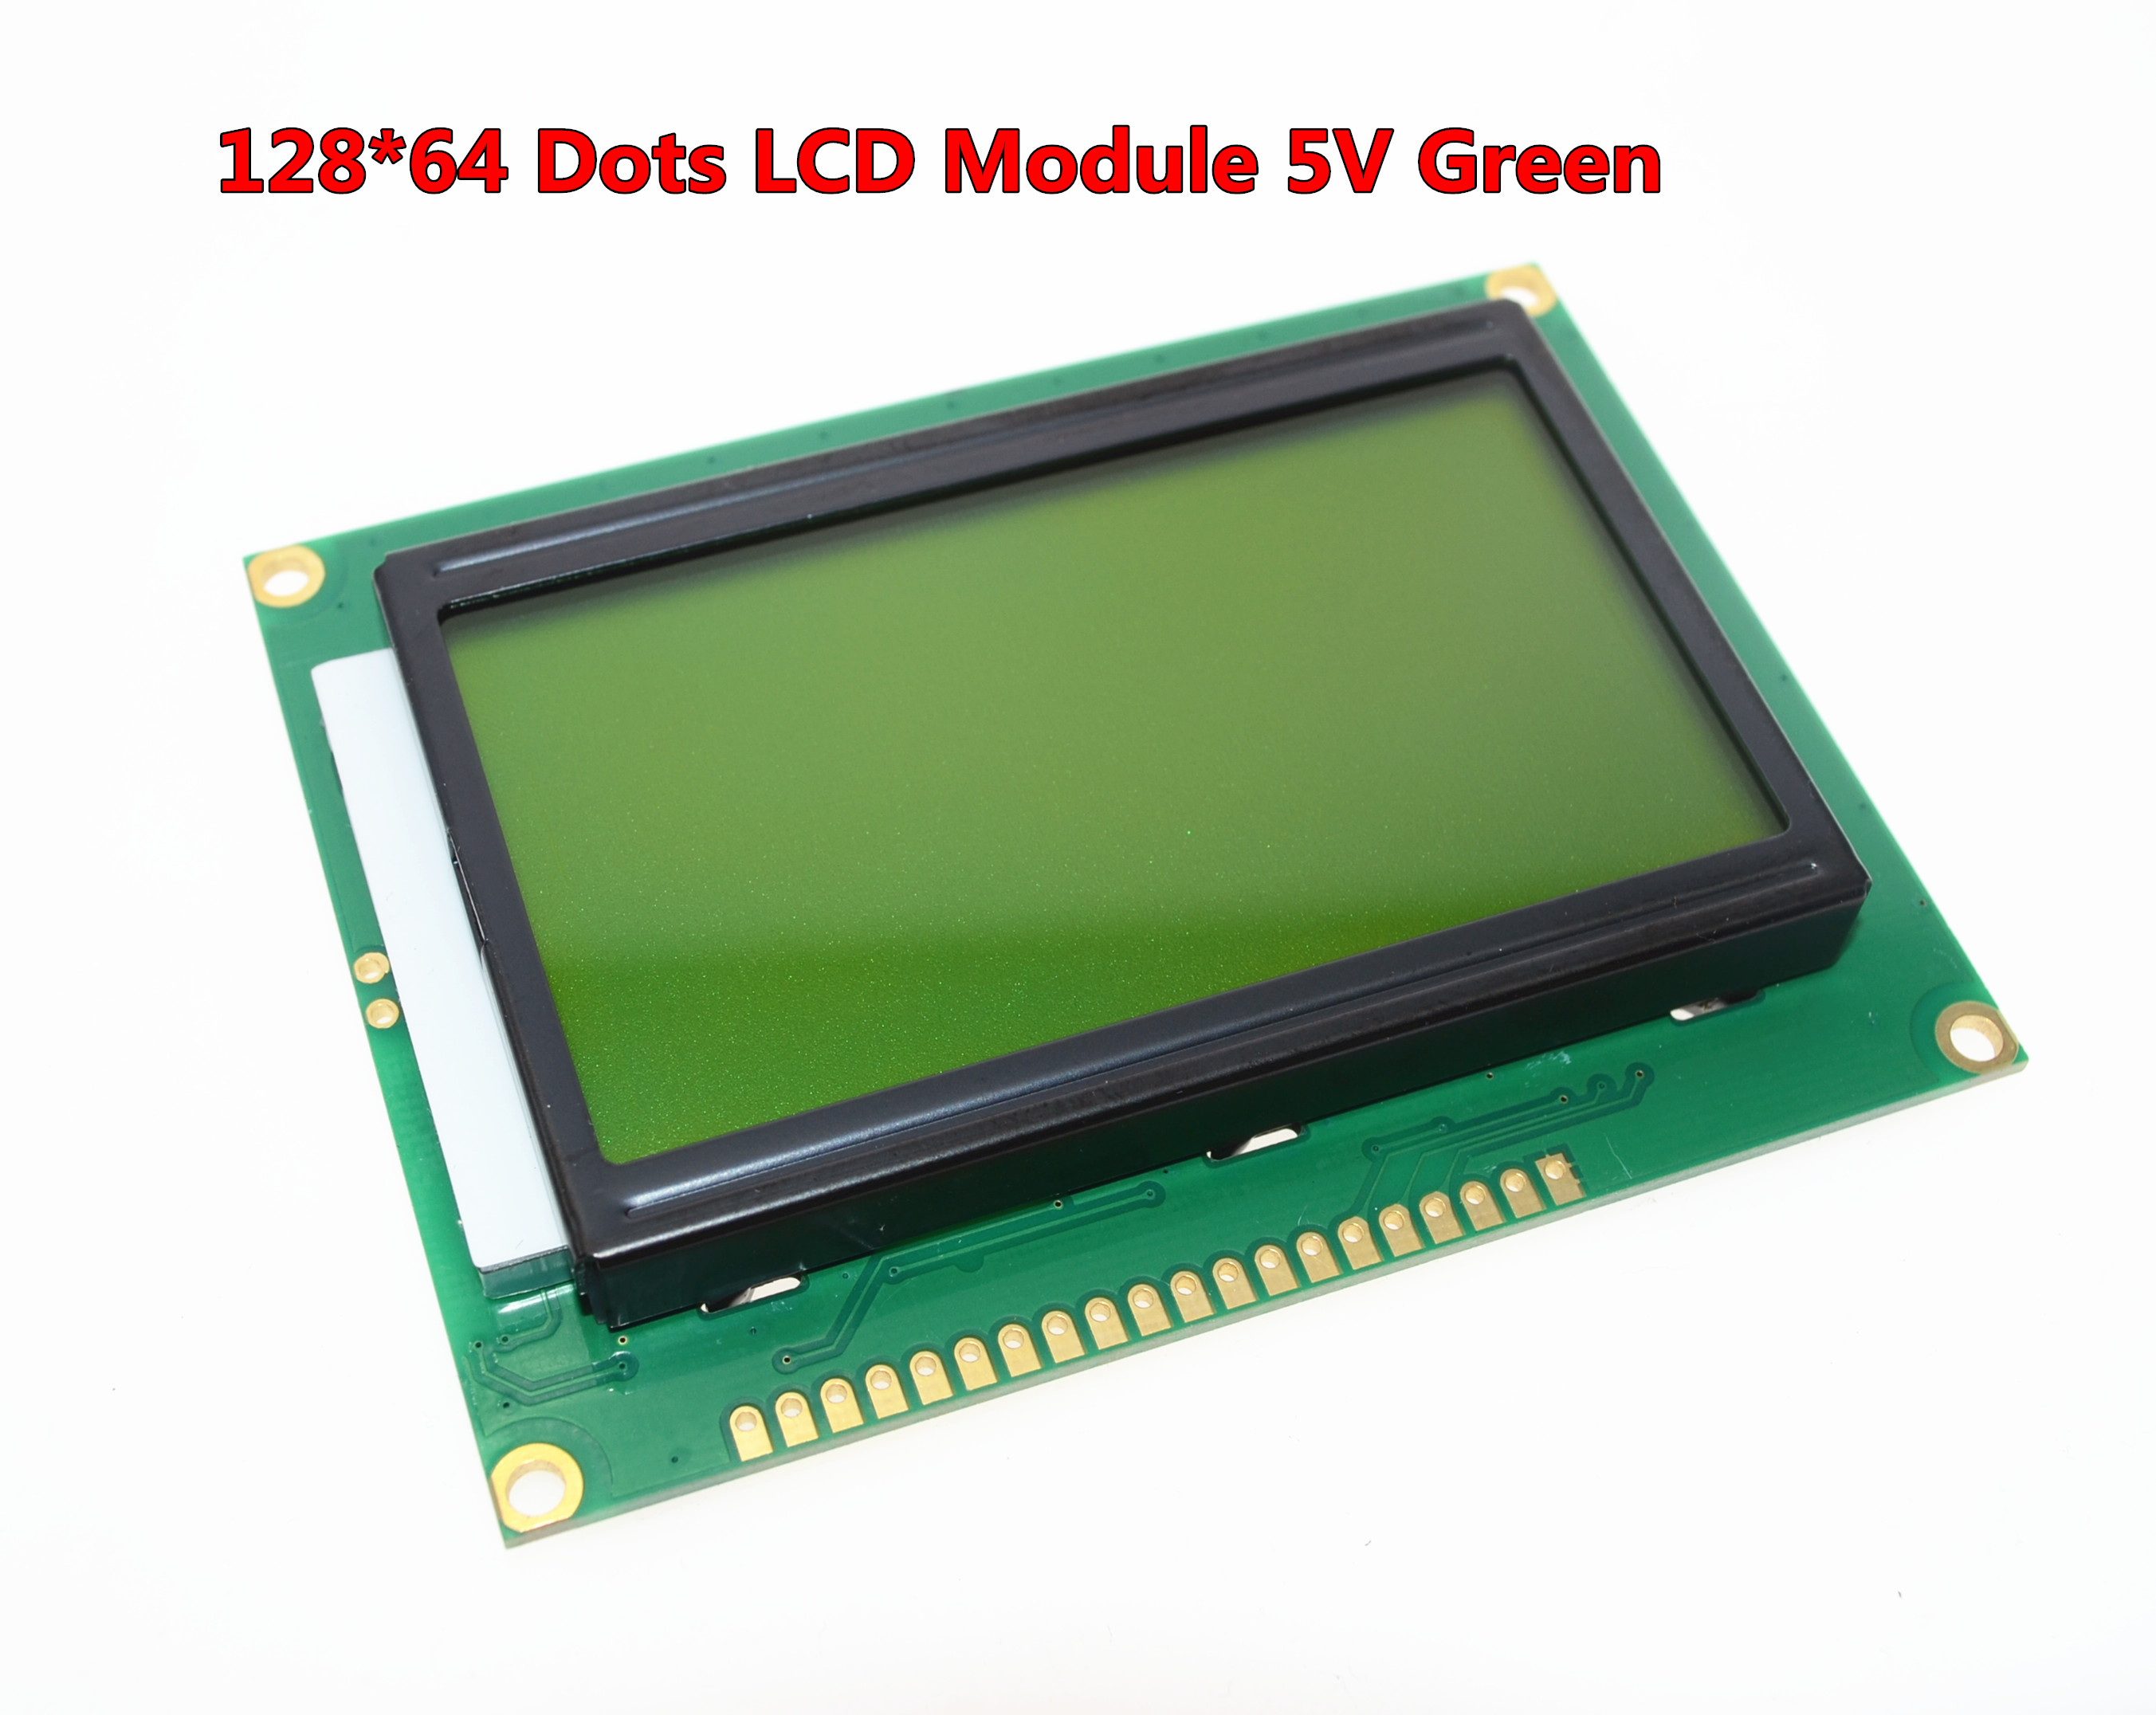 Livraison gratuite 12864 128x64 points graphique couleur verte rétro-éclairage LCD Module d'affichage pour arduino raspberry pi